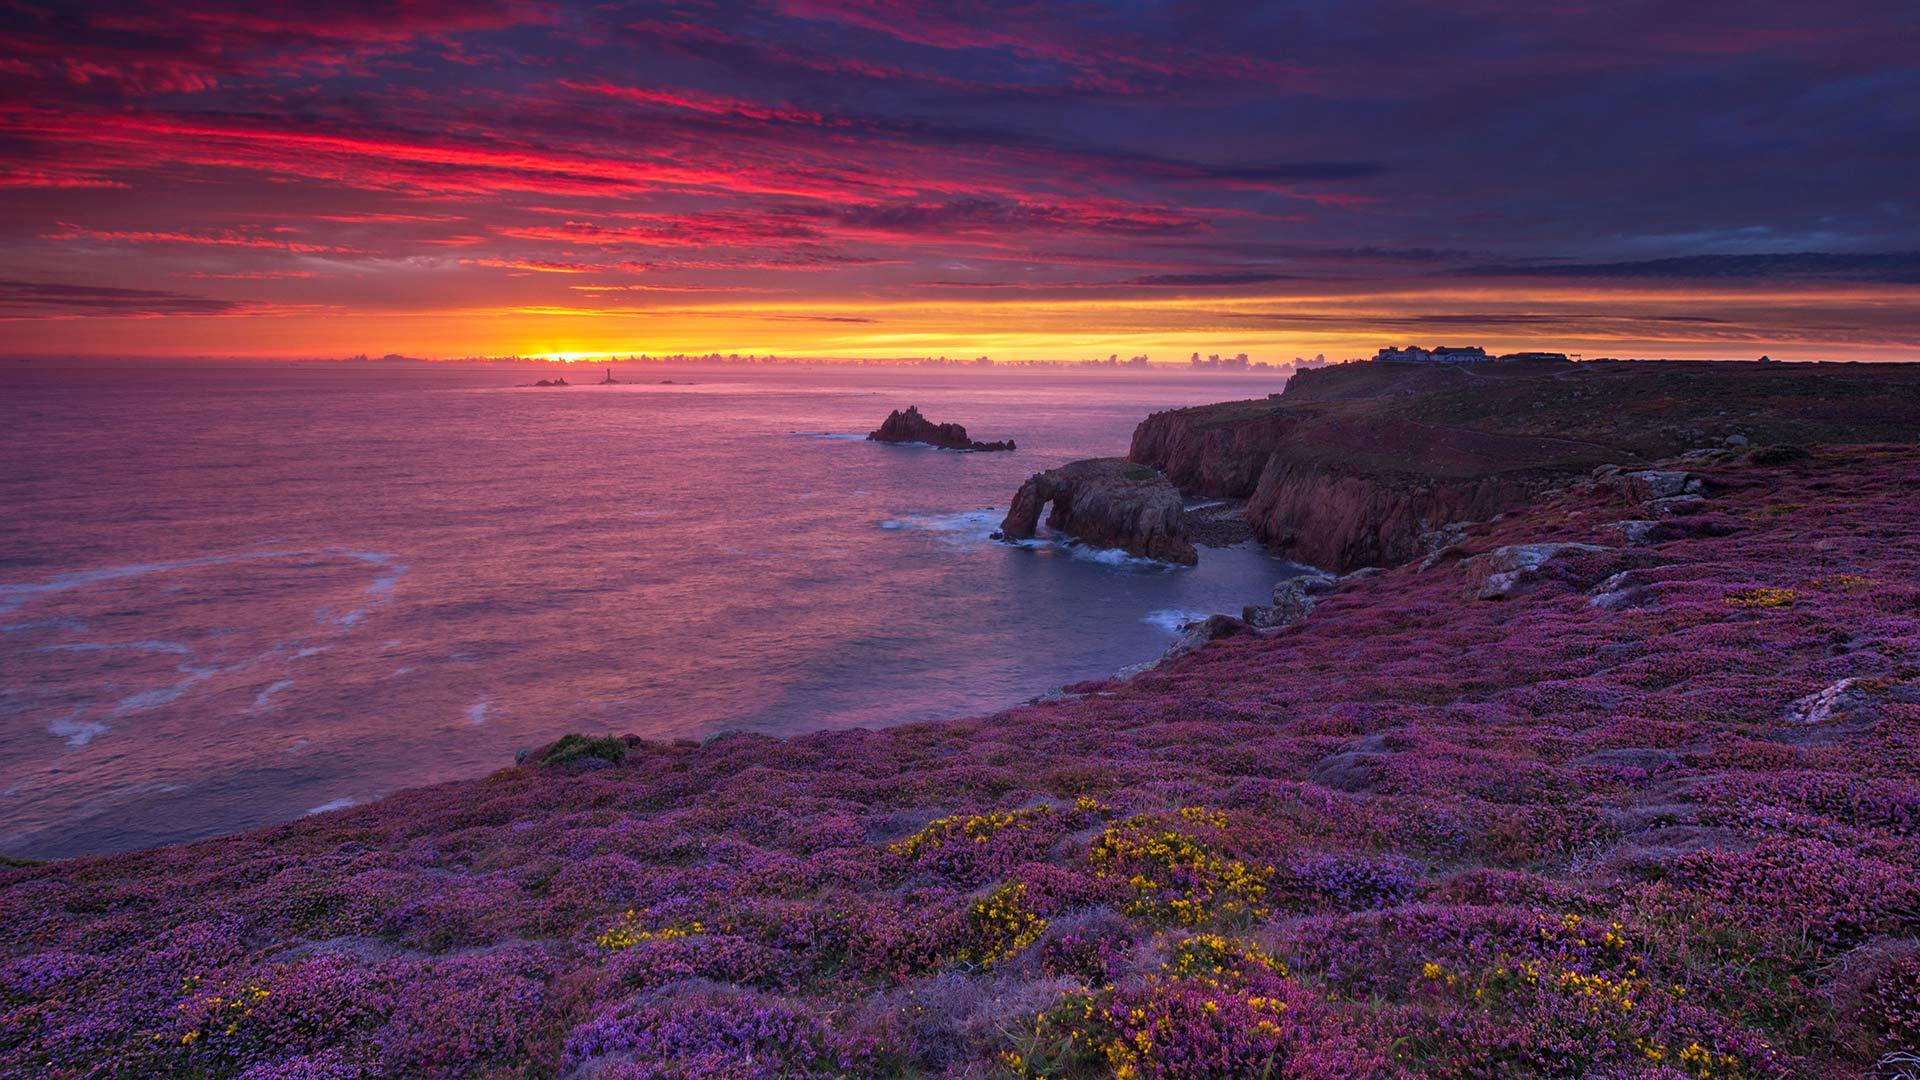 英国康沃尔郡岸边的日落 (© Andrew Turner/Getty Images)